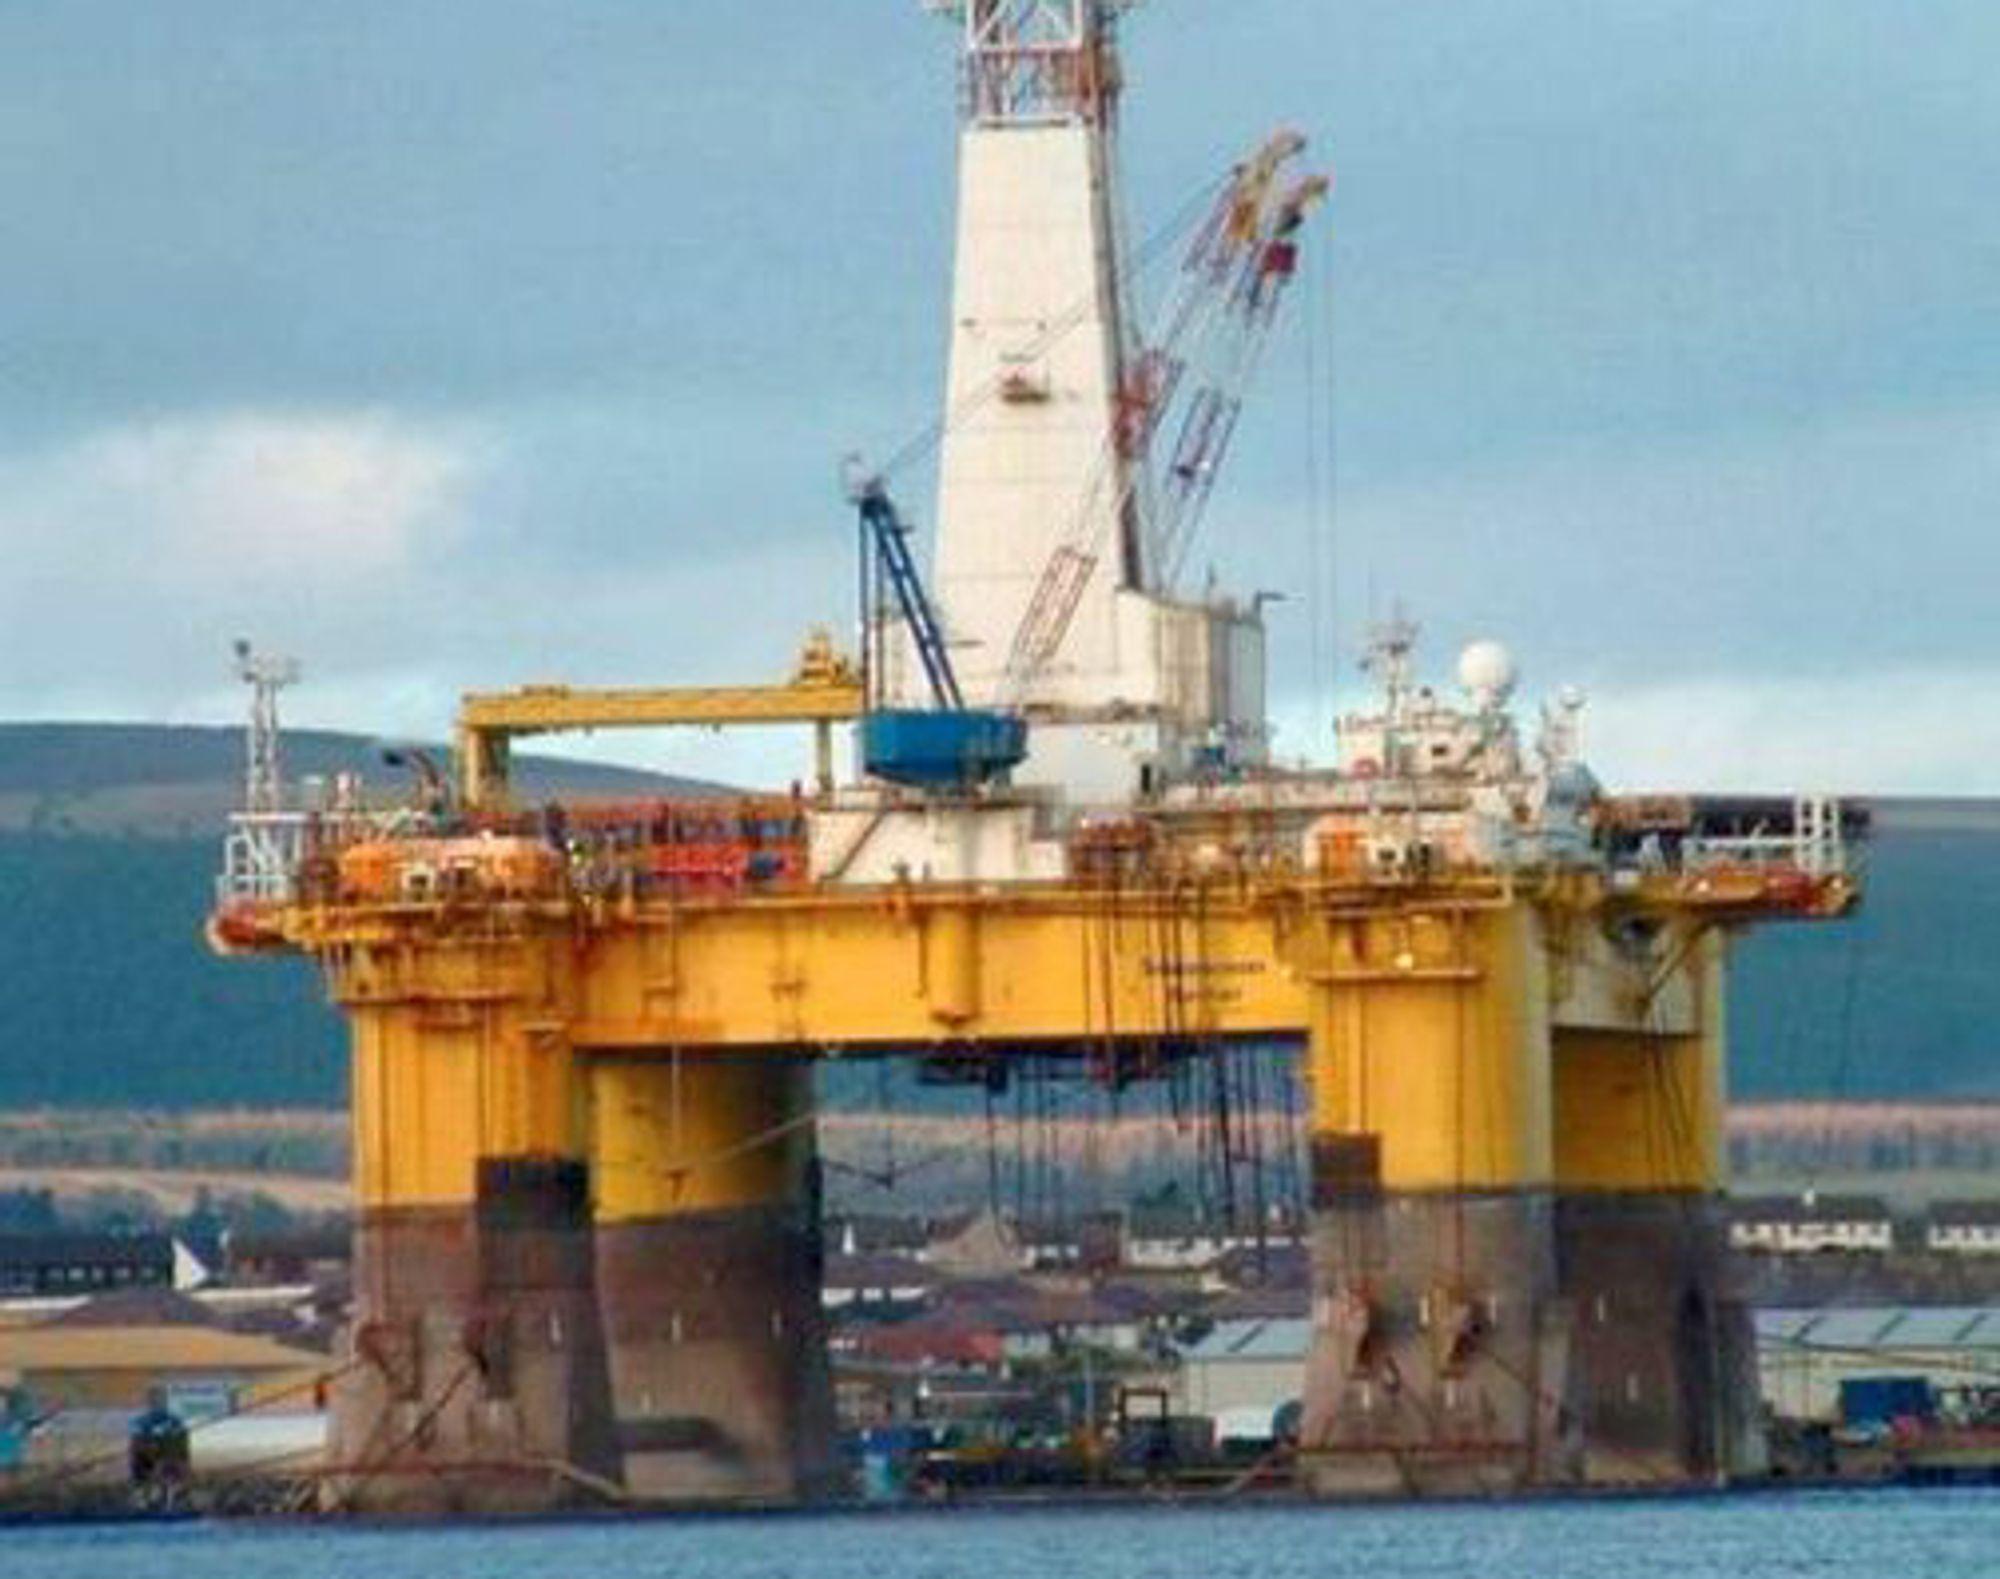 Boreriggen Transocean Rather har funnet olje i Rosebank-brønnen ved Shetland. Statoil eier 30 % av feltet.